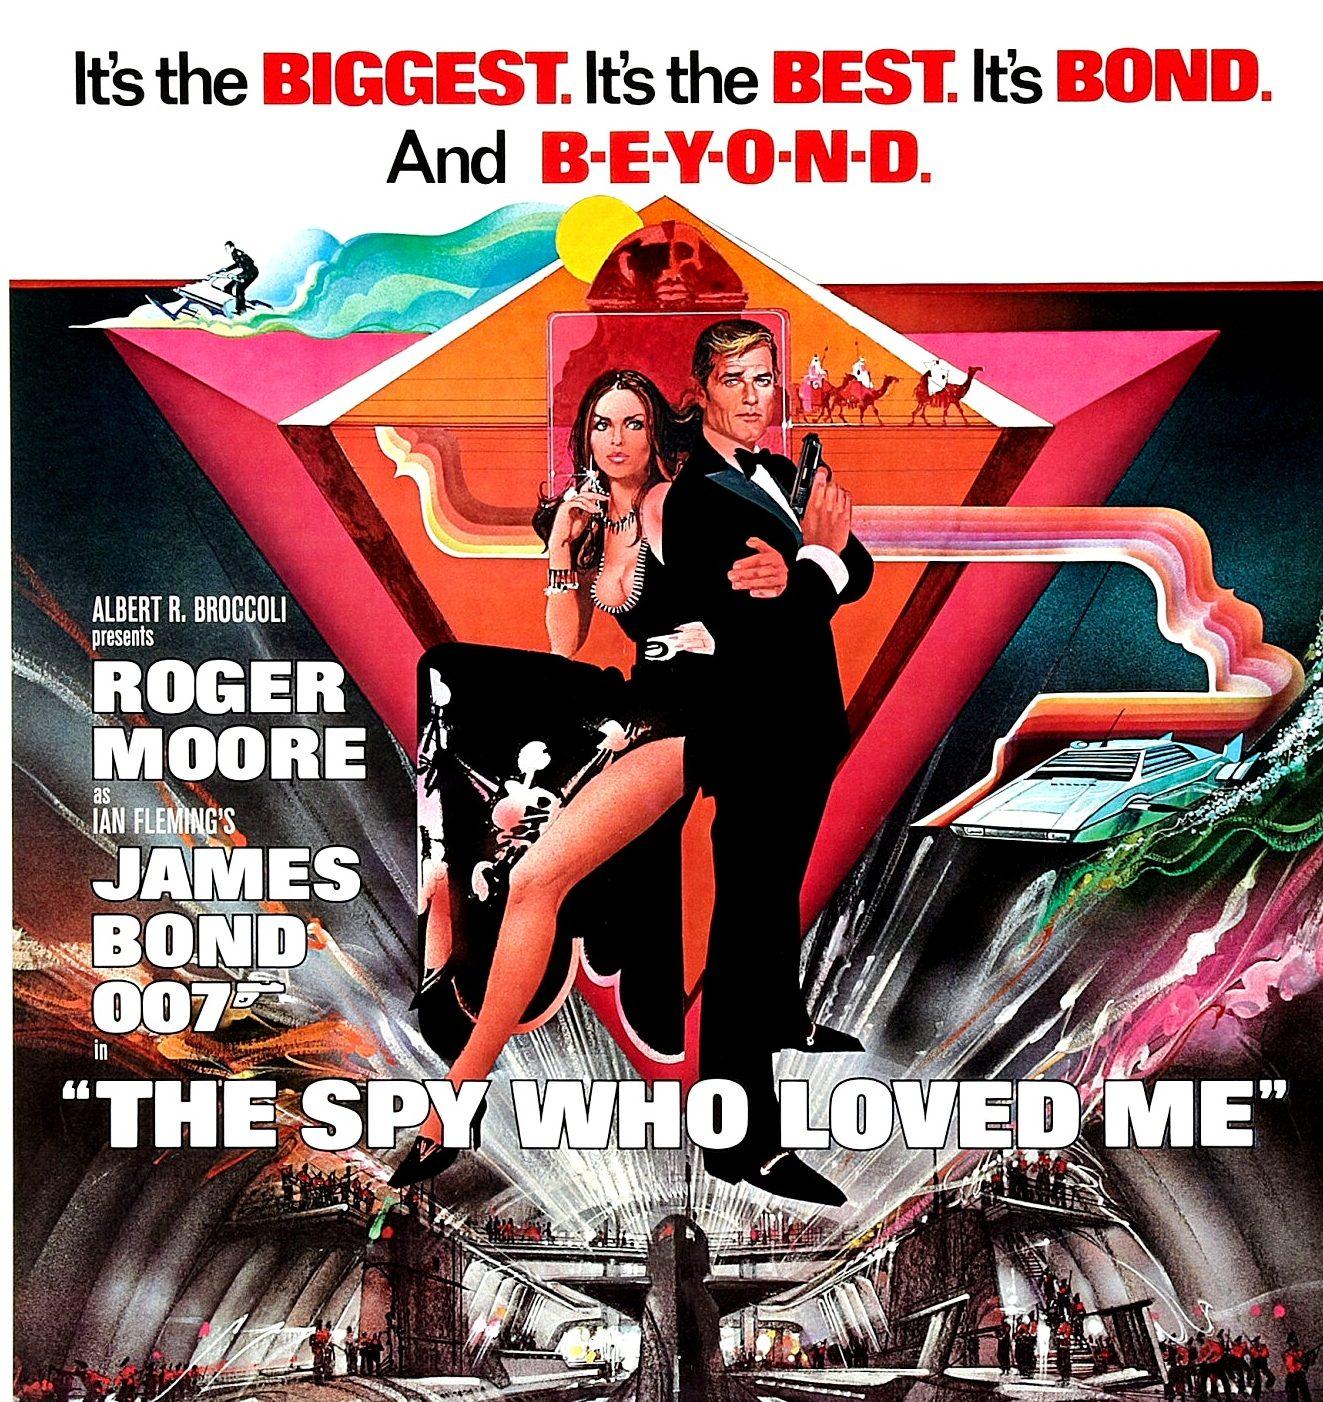 MV5BZDJhOTgyMTUtMDVhOS00MzRlLTk0MjYtYjI5NzhhMTExMTc1XkEyXkFqcGdeQXVyNDY2MTk1ODk@. V1 e1582645978237 11 Of The Best James Bond Movies (And 10 Of The Worst)